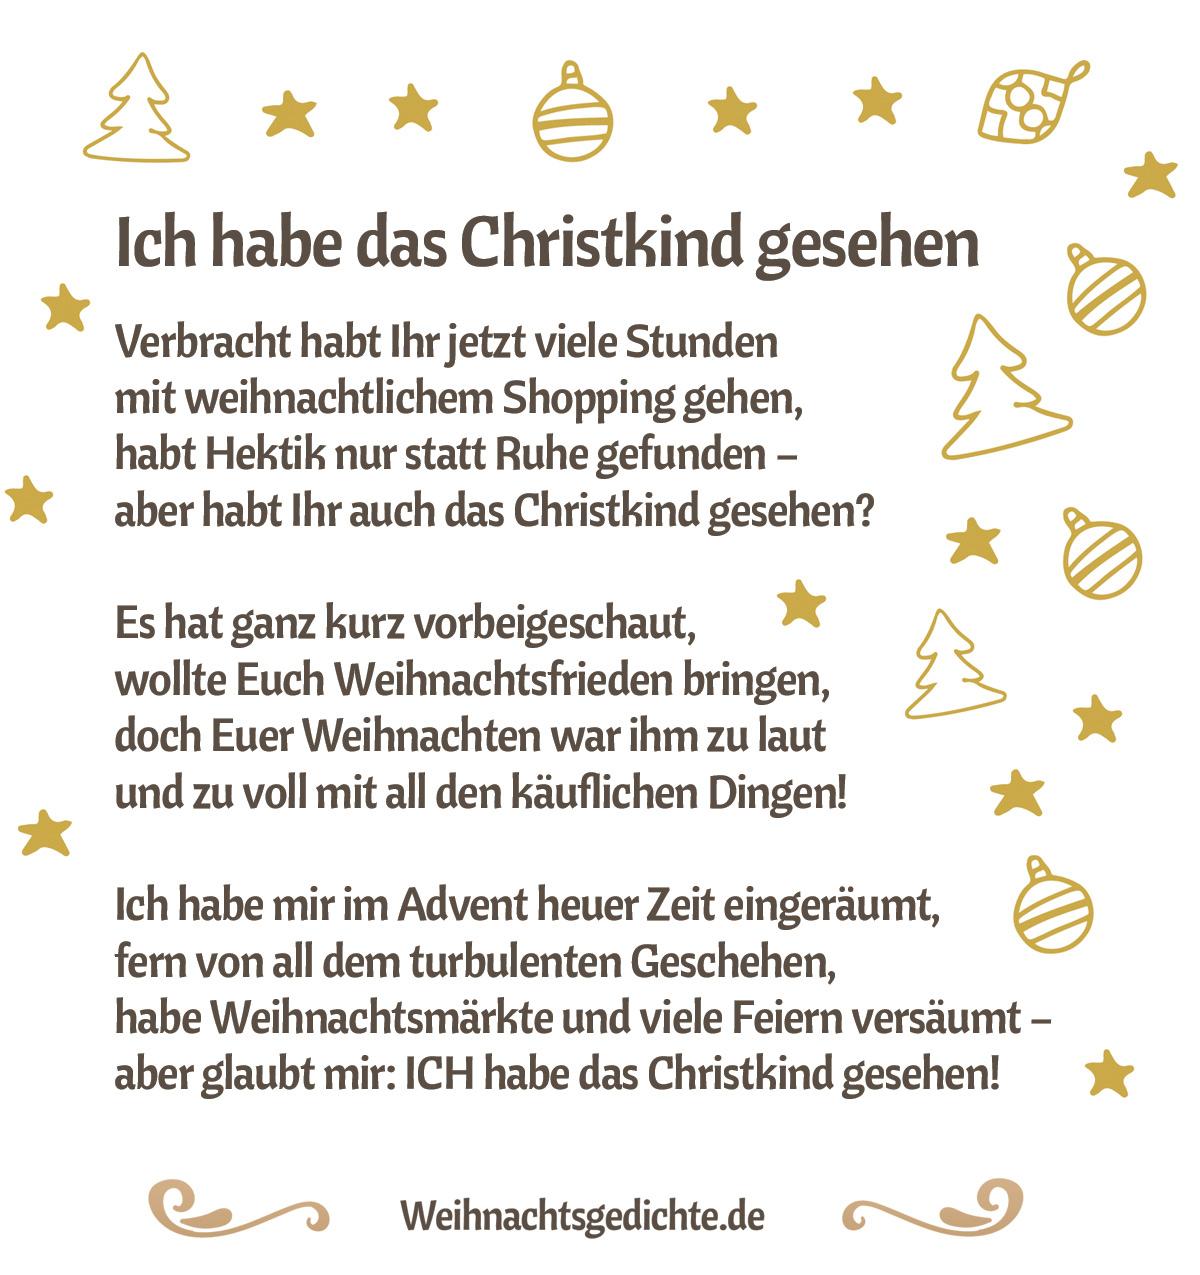 Weihnachtsgedichte Bilder Zum Versenden Als E-Mail Oder Facebook verwandt mit Kurze Weihnachtsgeschichten Für Kleinkinder Zum Ausdrucken